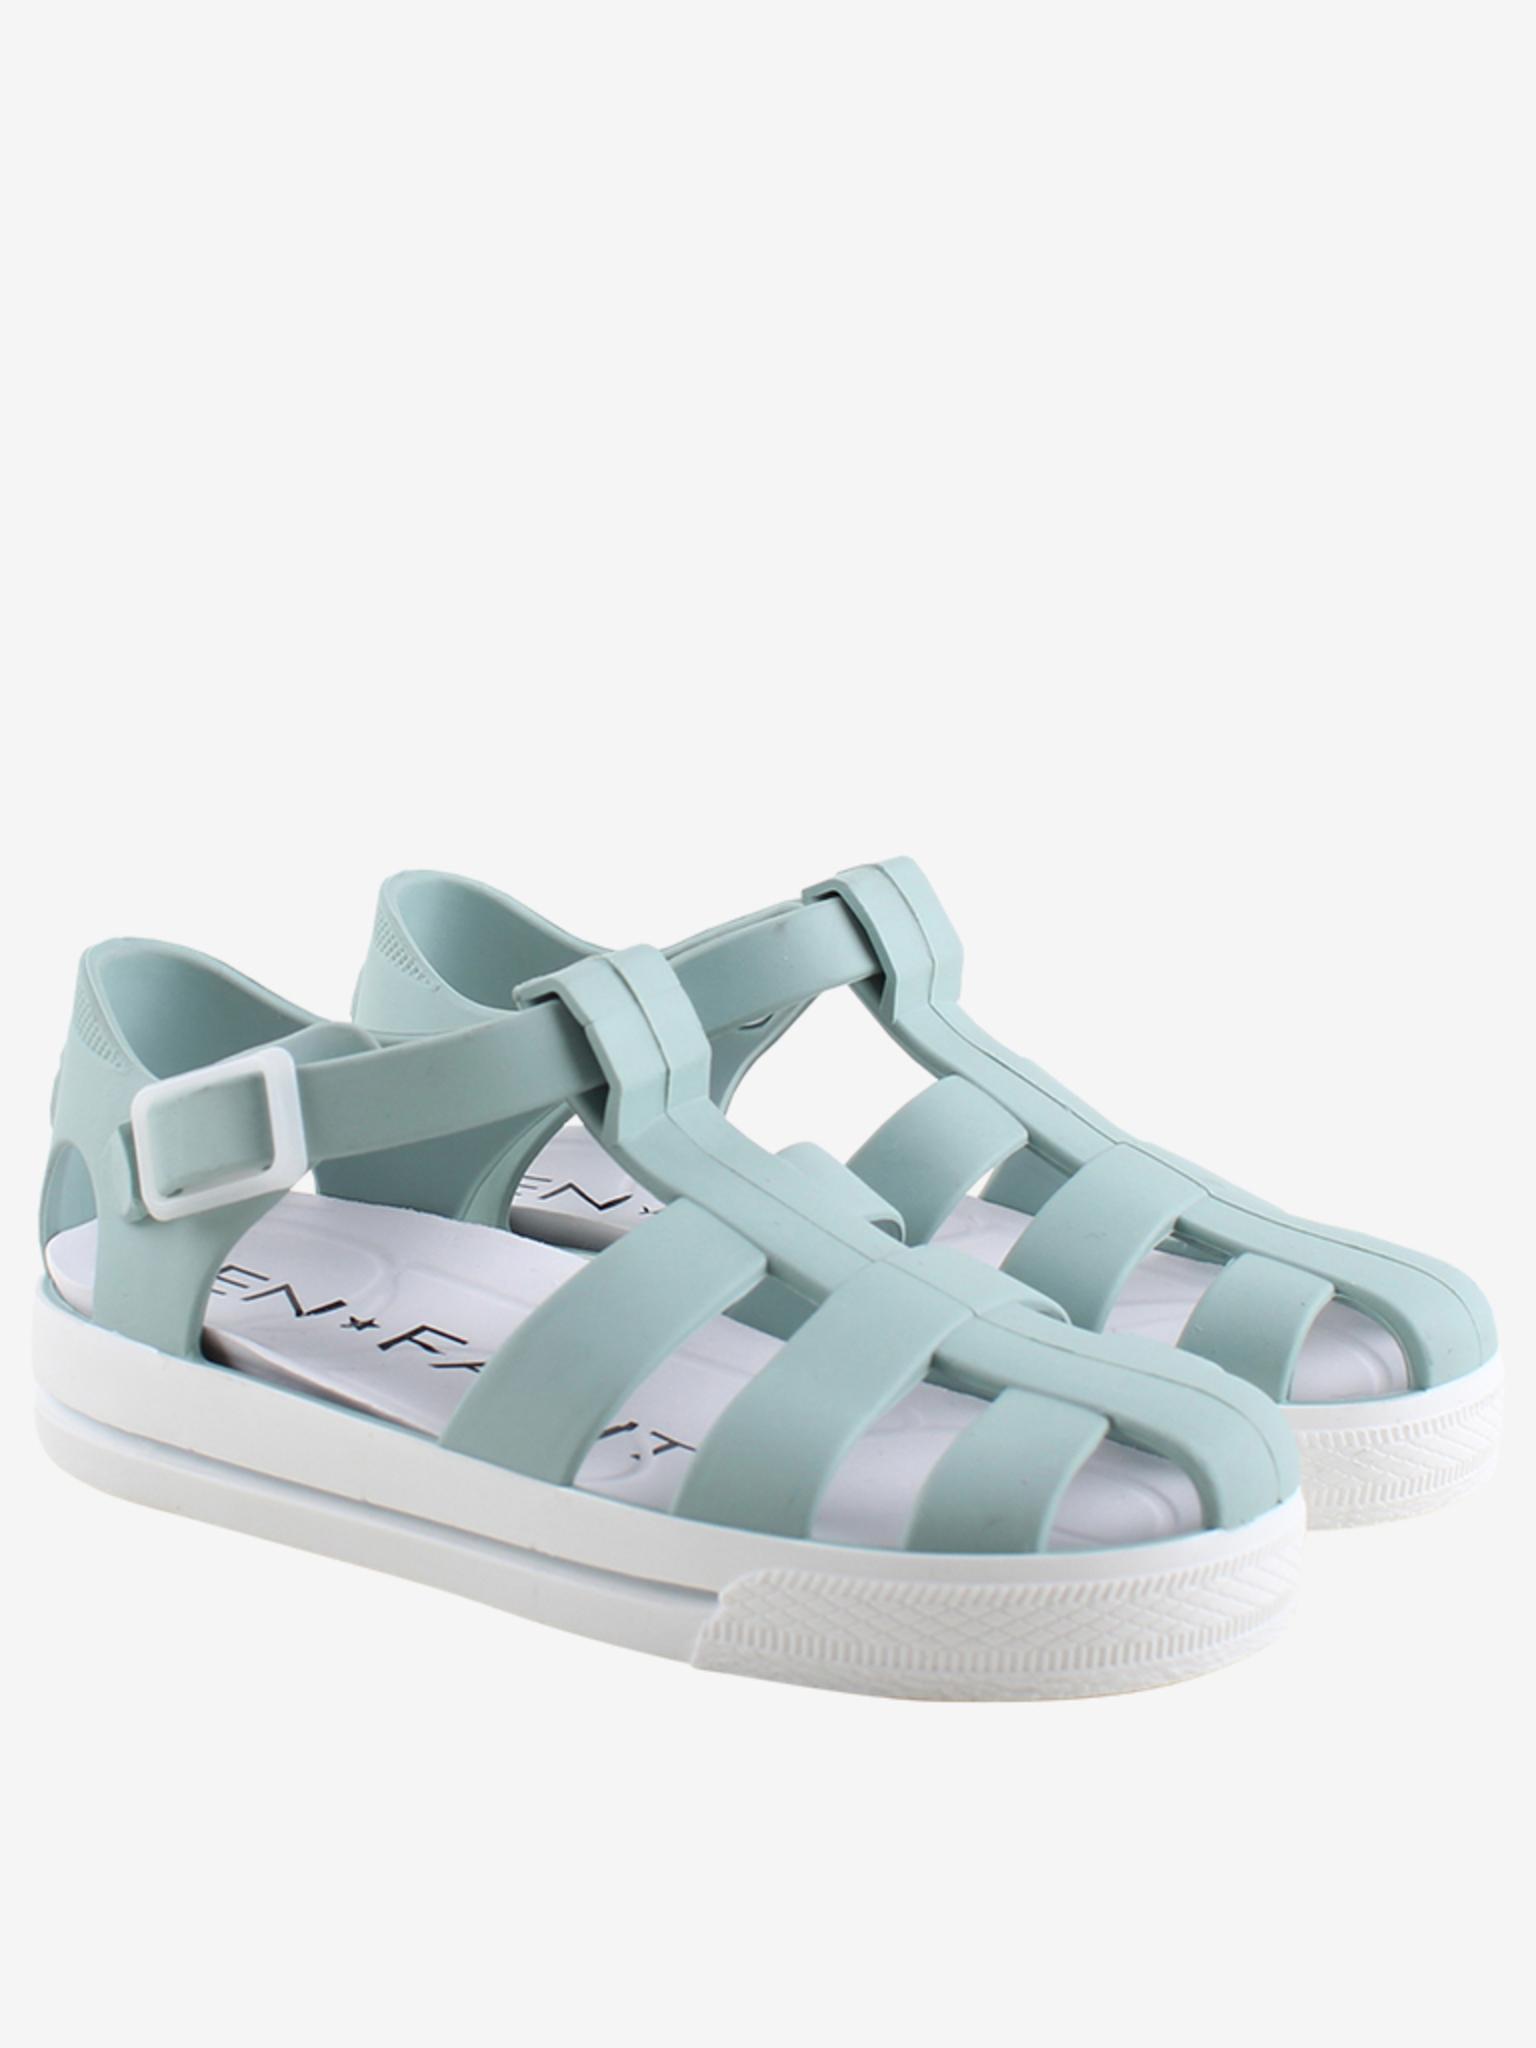 En Fant dětské pryžové sandálky 815264 - 114